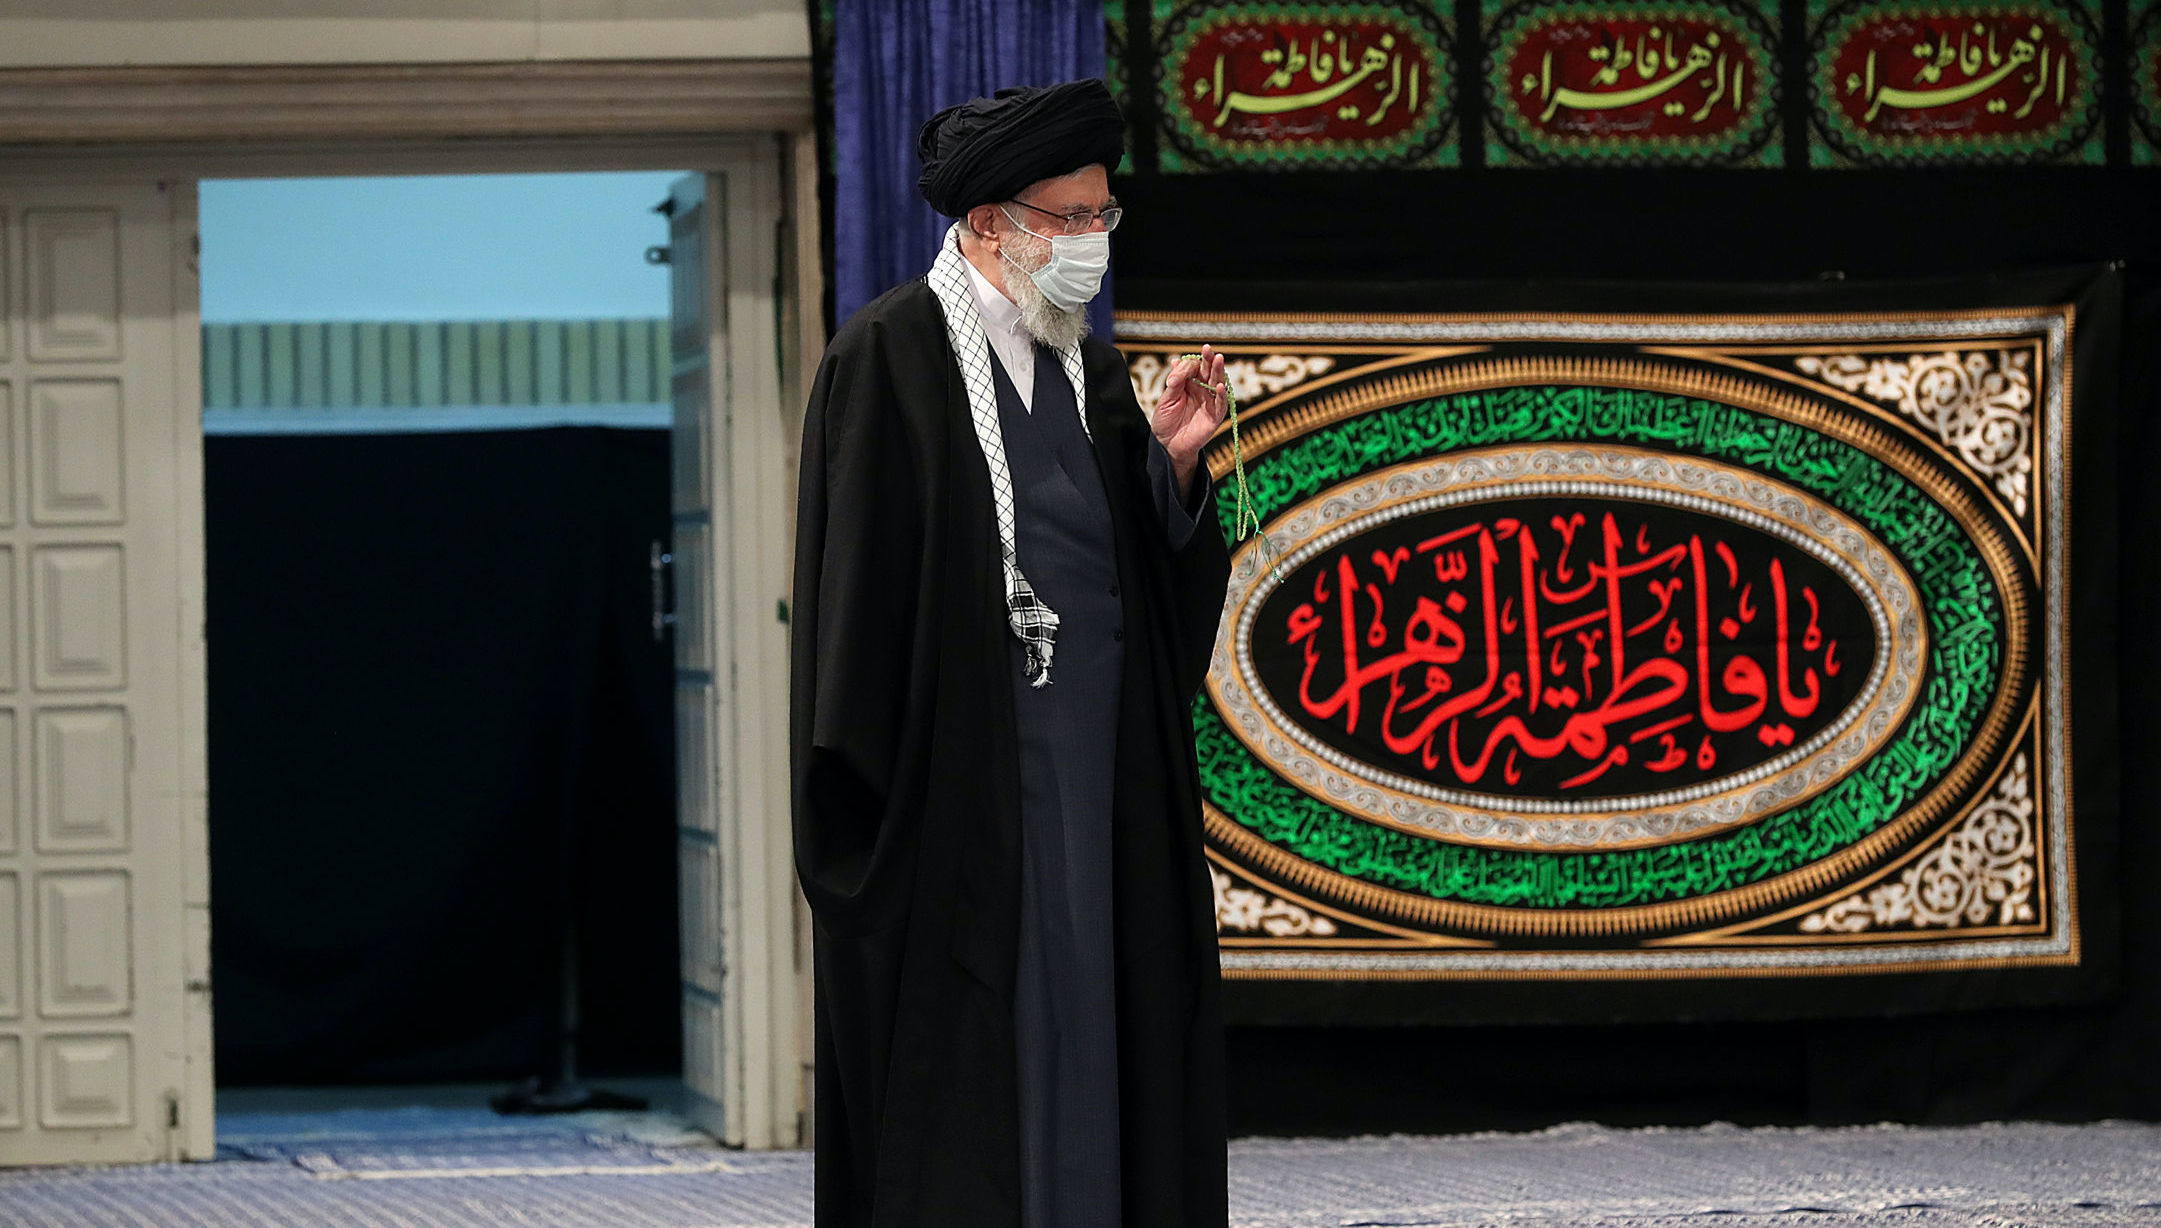 لحظه ورود رهبر انقلاب در مراسم عزاداری شام شهادت حضرت فاطمه زهرا(س) + عکس